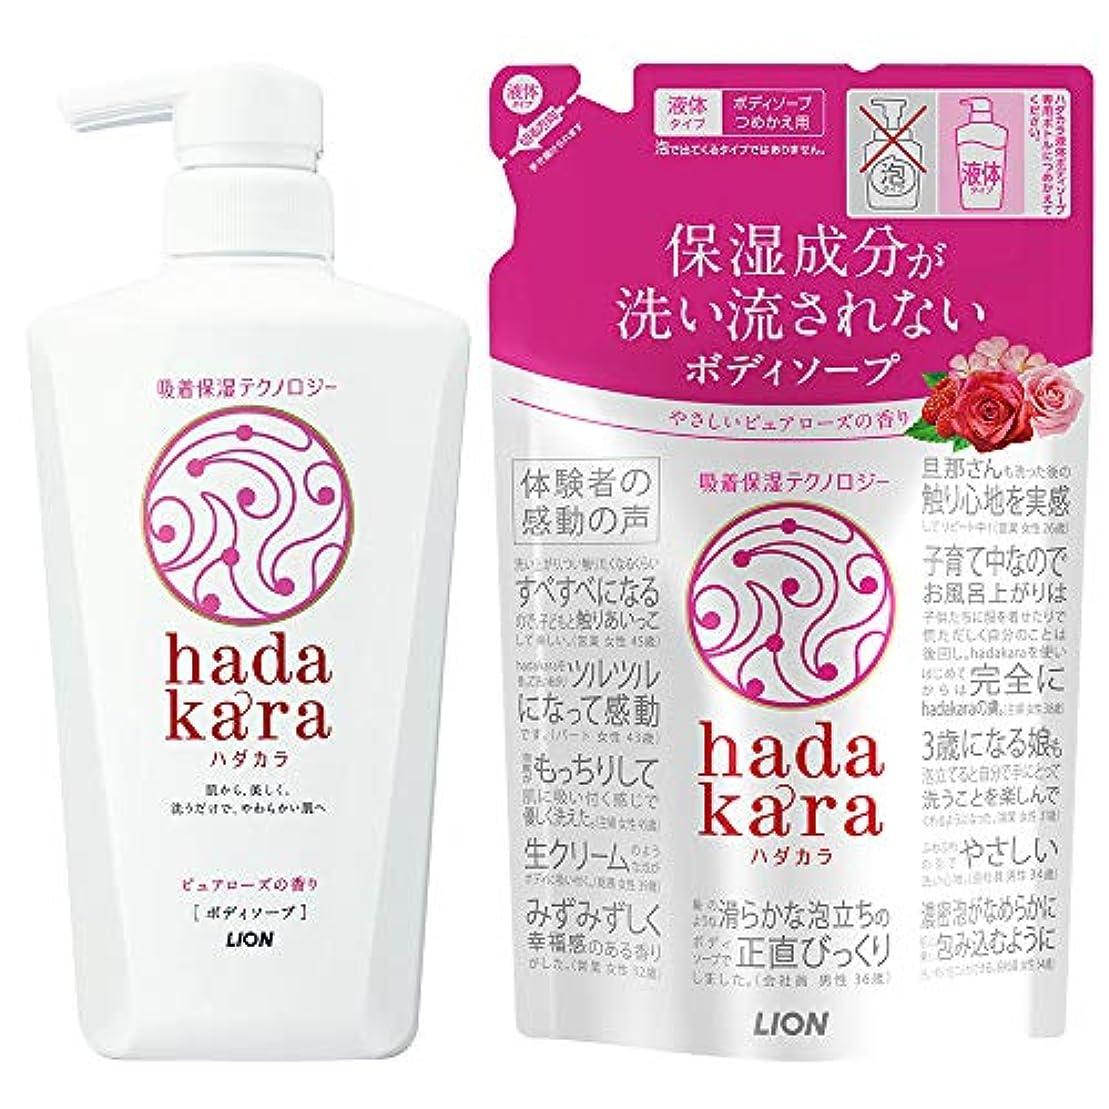 掘るハドル笑hadakara(ハダカラ) ボディソープ ピュアローズの香り 本体500ml+つめかえ360ml +